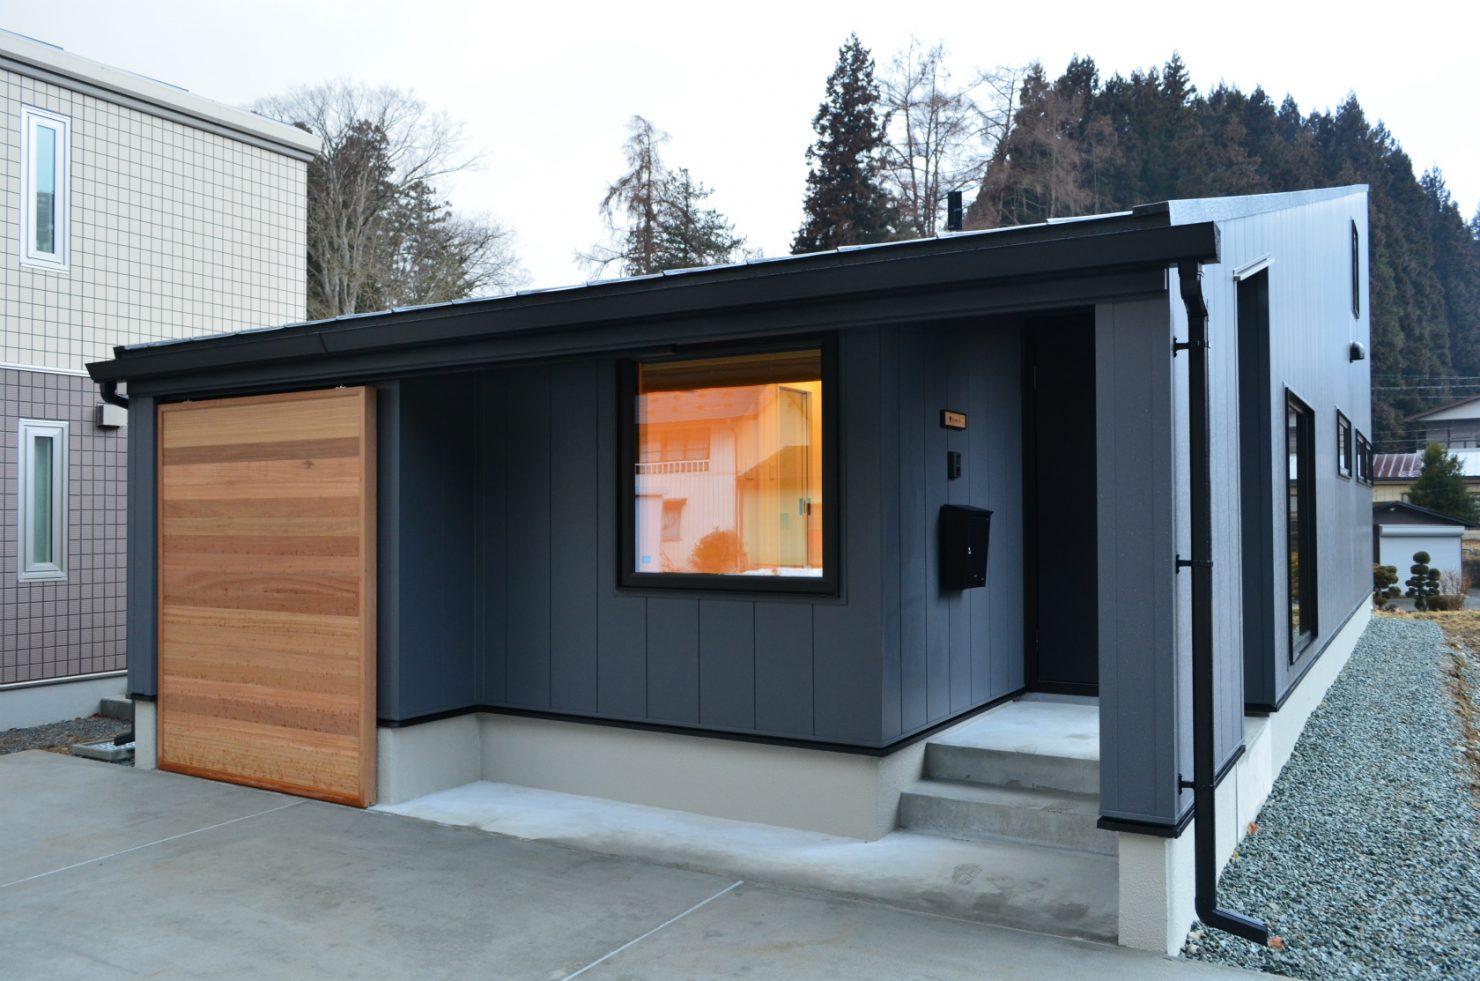 ハウスM21+archi「バイクガレージのある平屋」外観写真